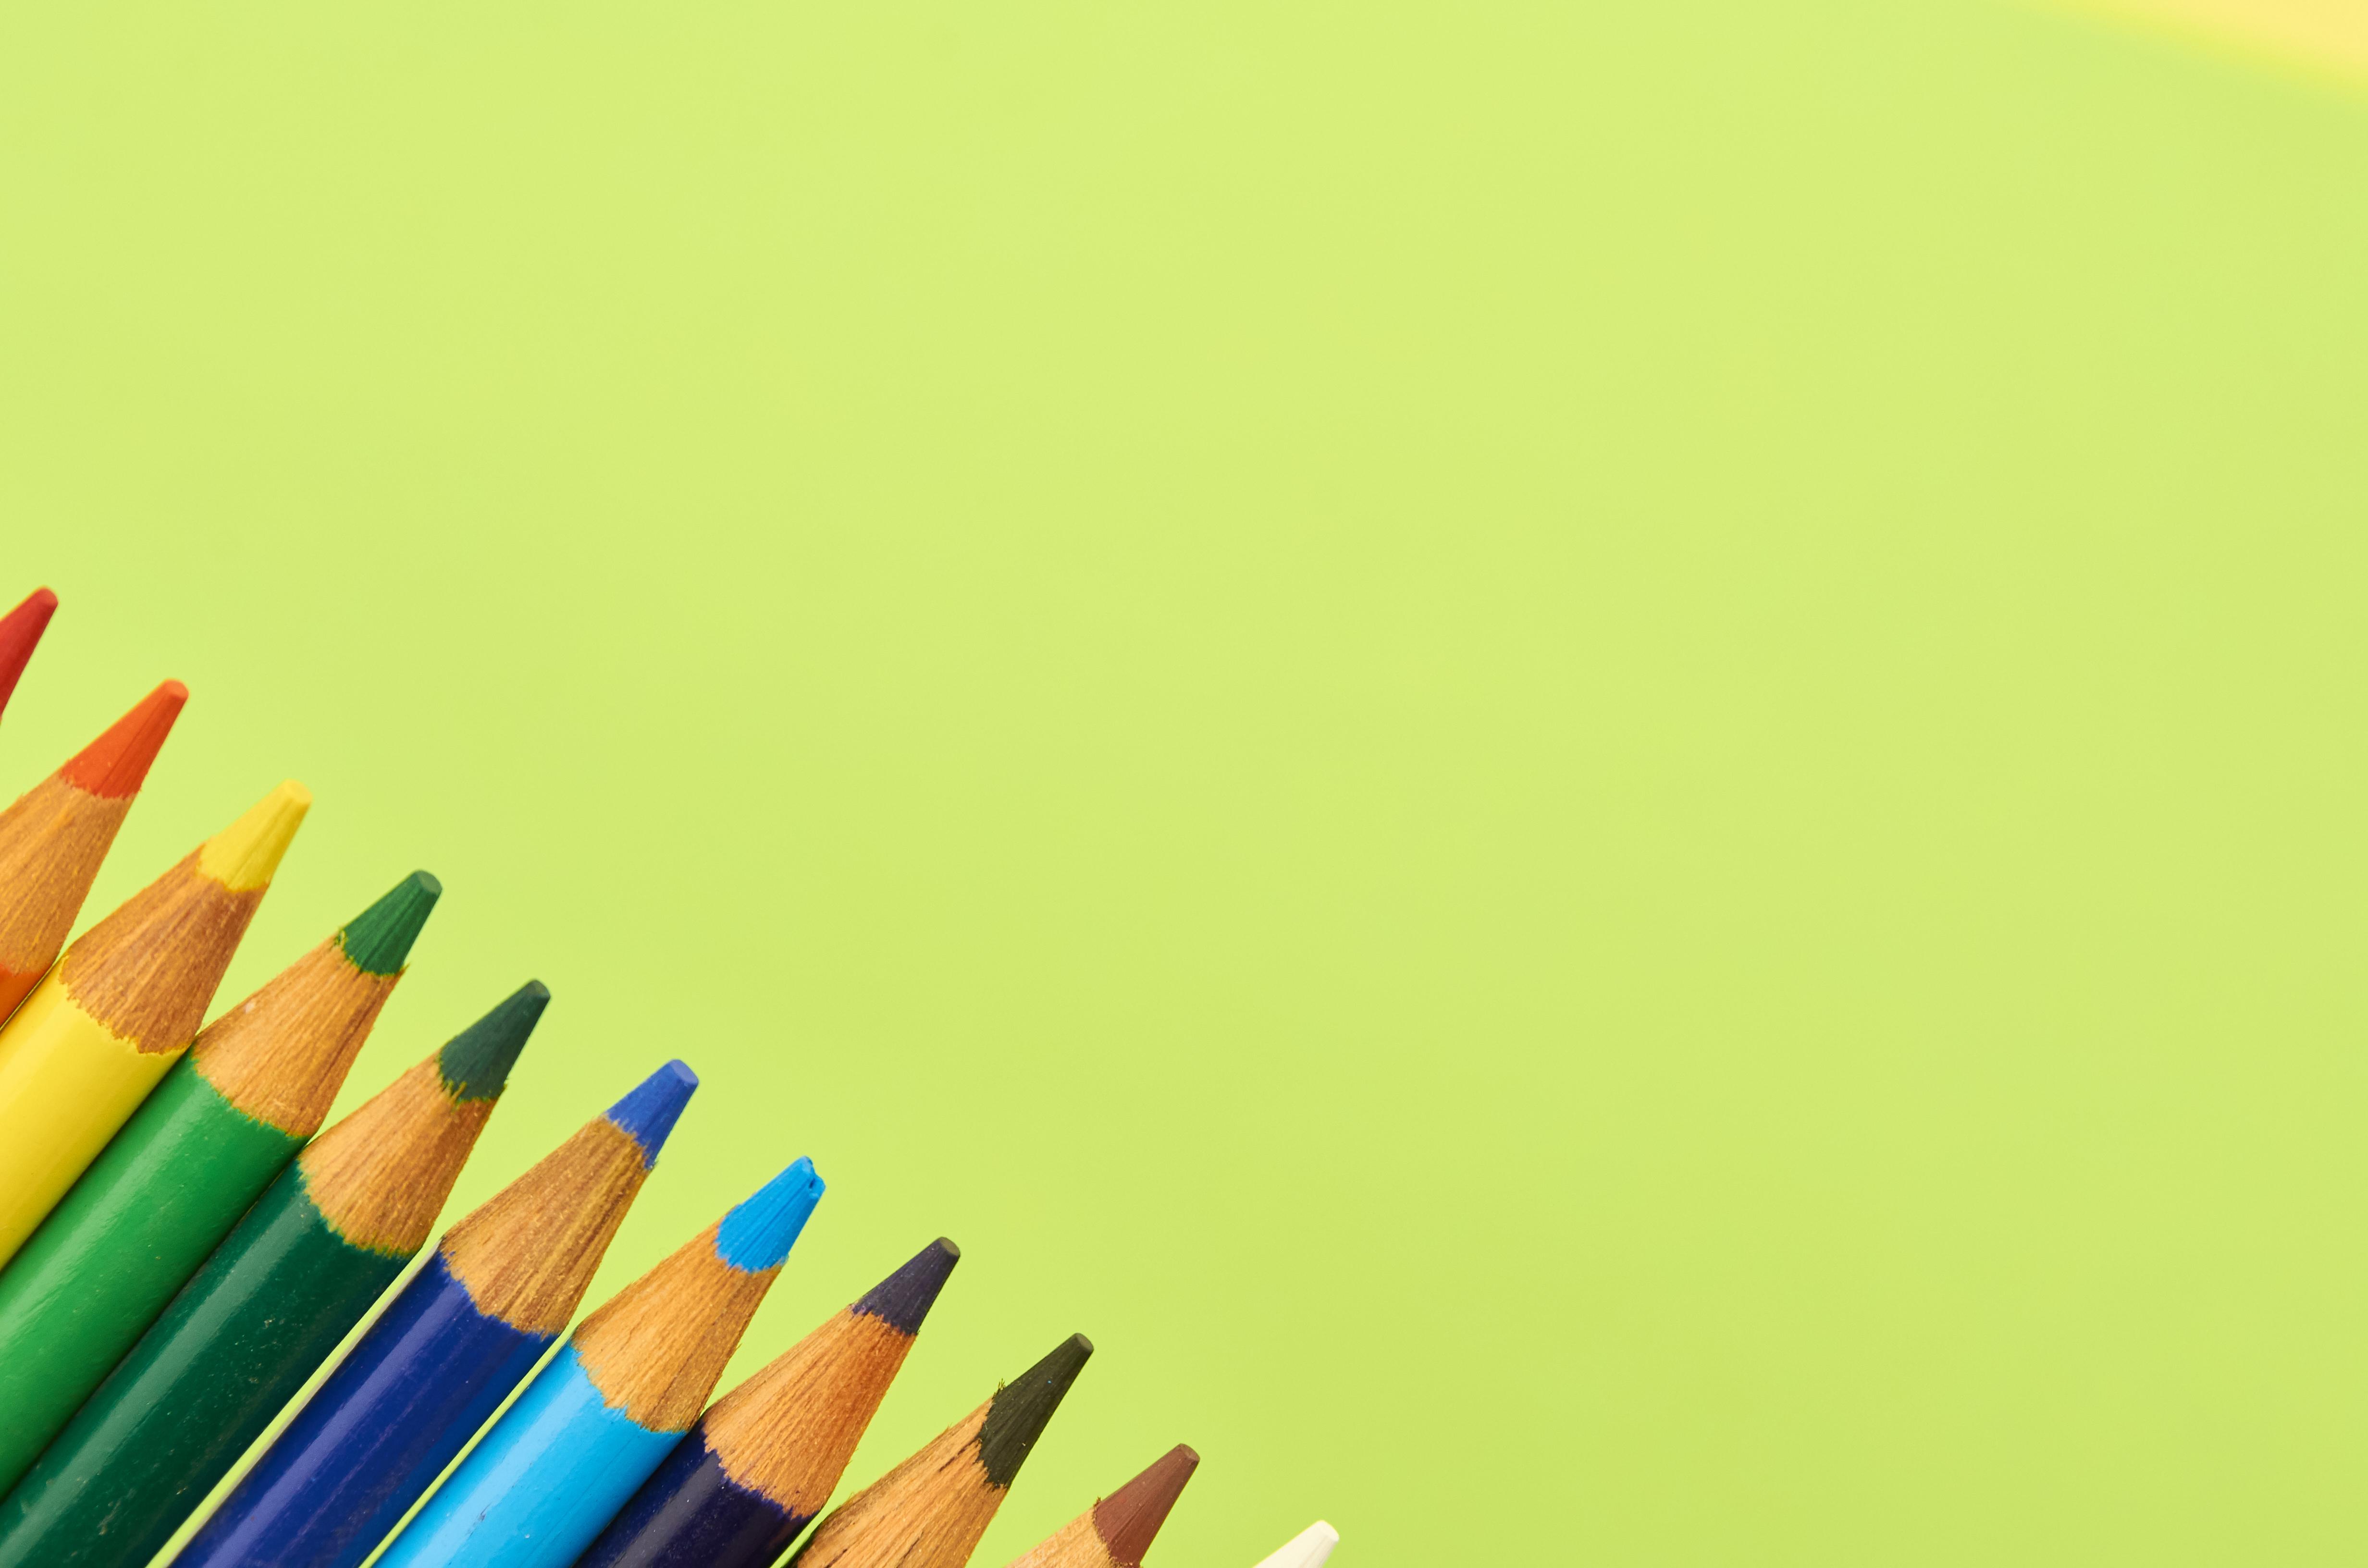 141141 скачать обои Разное, Карандаш, Разноцветный, Зеленый, Фон - заставки и картинки бесплатно